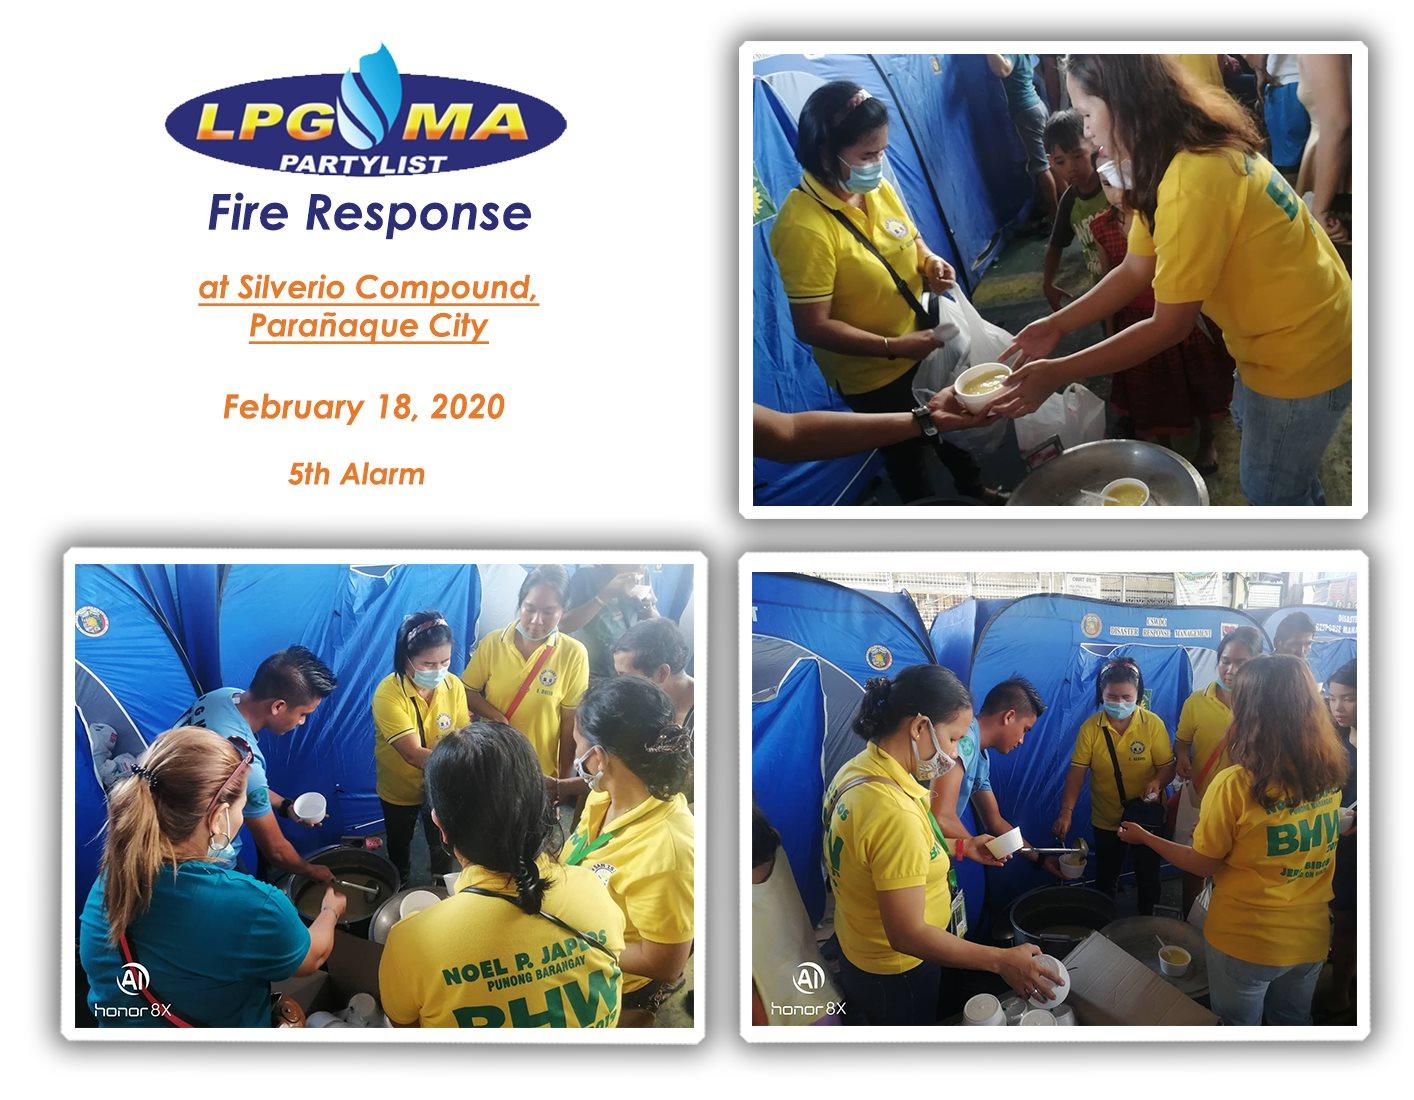 LPGMA Fire Response in Silverio Compound